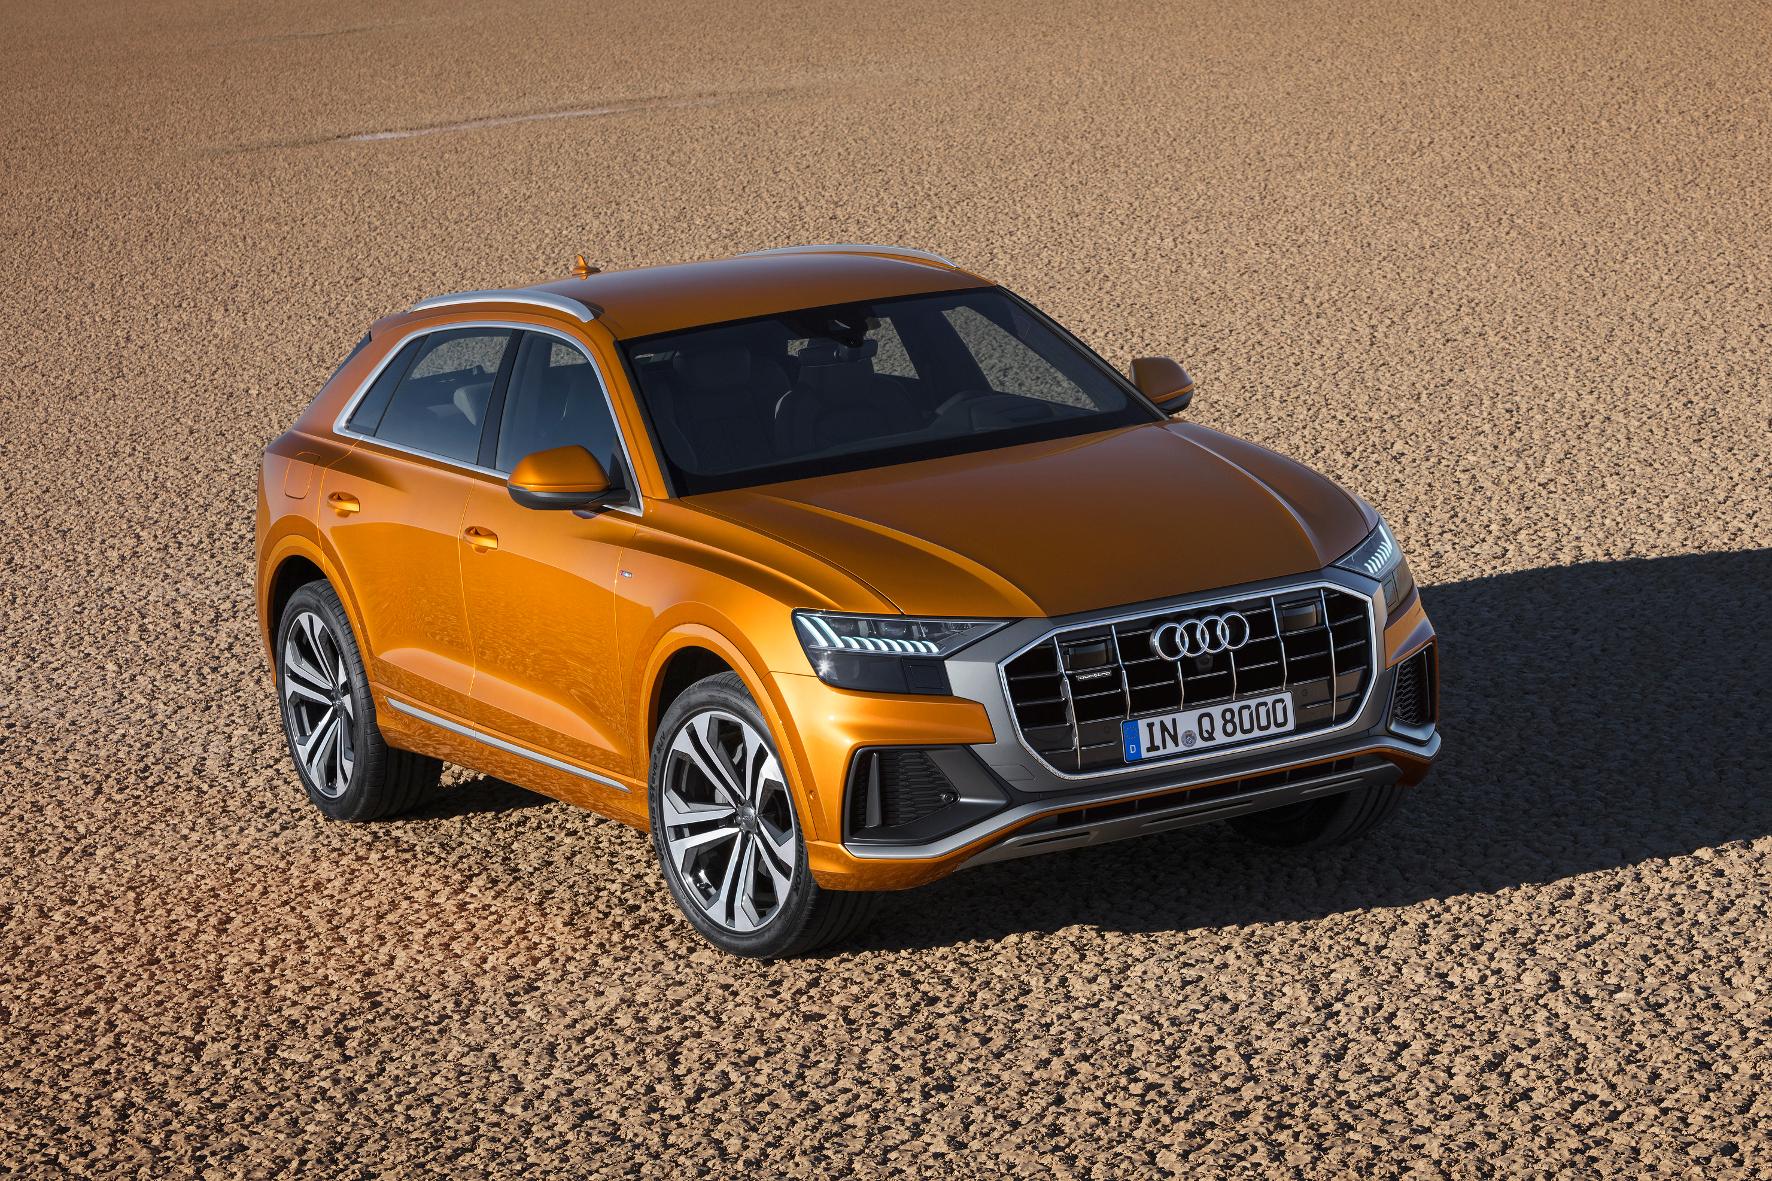 """mid Groß-Gerau - Der neue Audi Q8 soll """"Kraft, Hochwertigkeit und die spezielle Dynamik des permanenten Allradantriebs"""" vermitteln. Audi"""